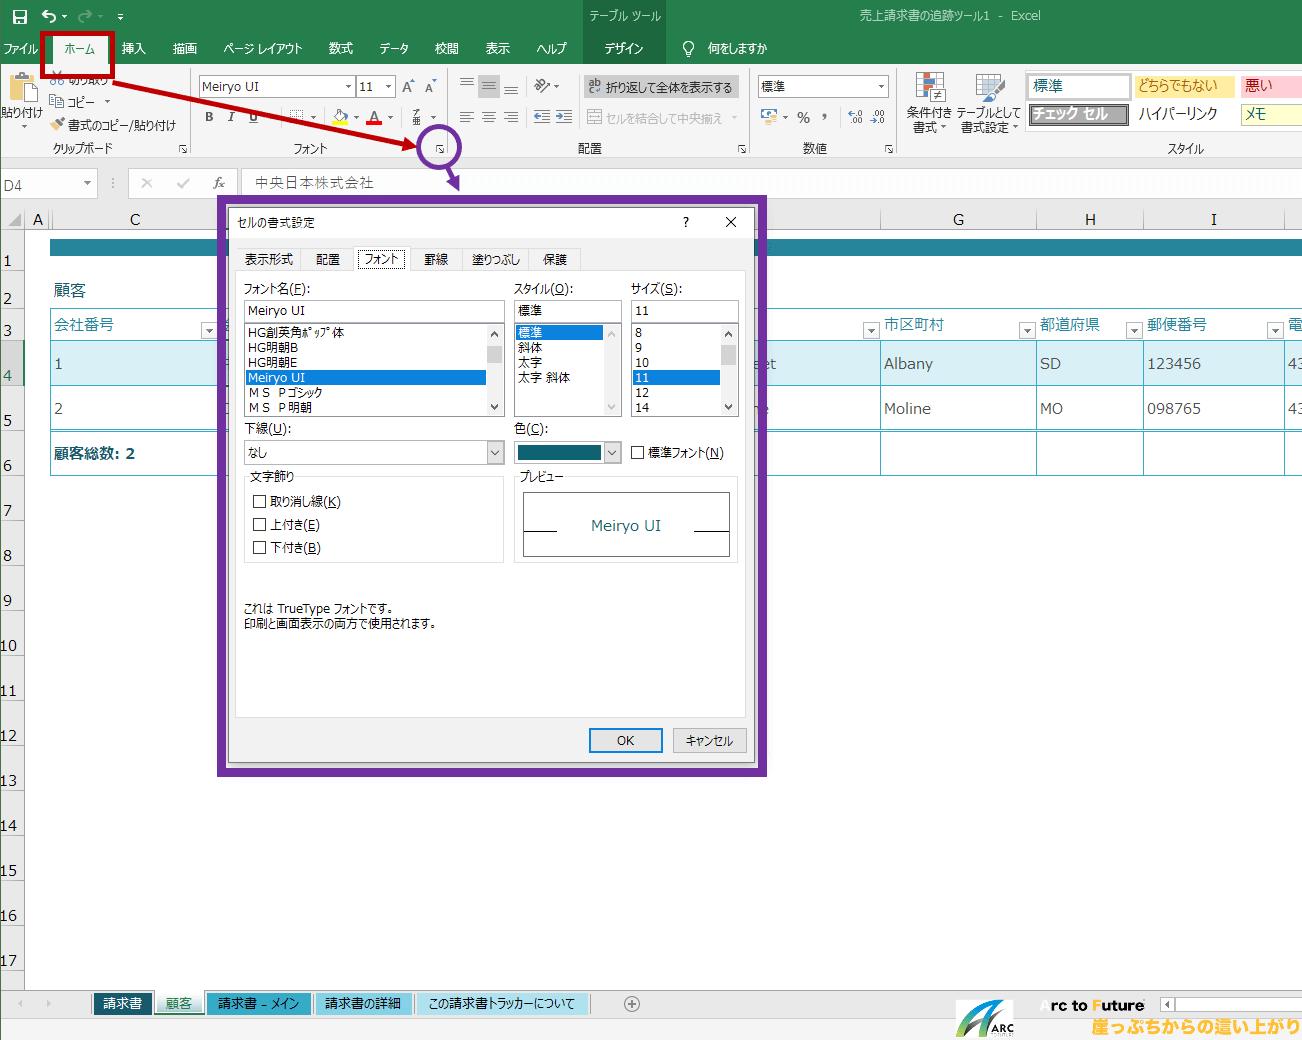 Excelのダイアログボックスの説明(例:セルの書式設定)